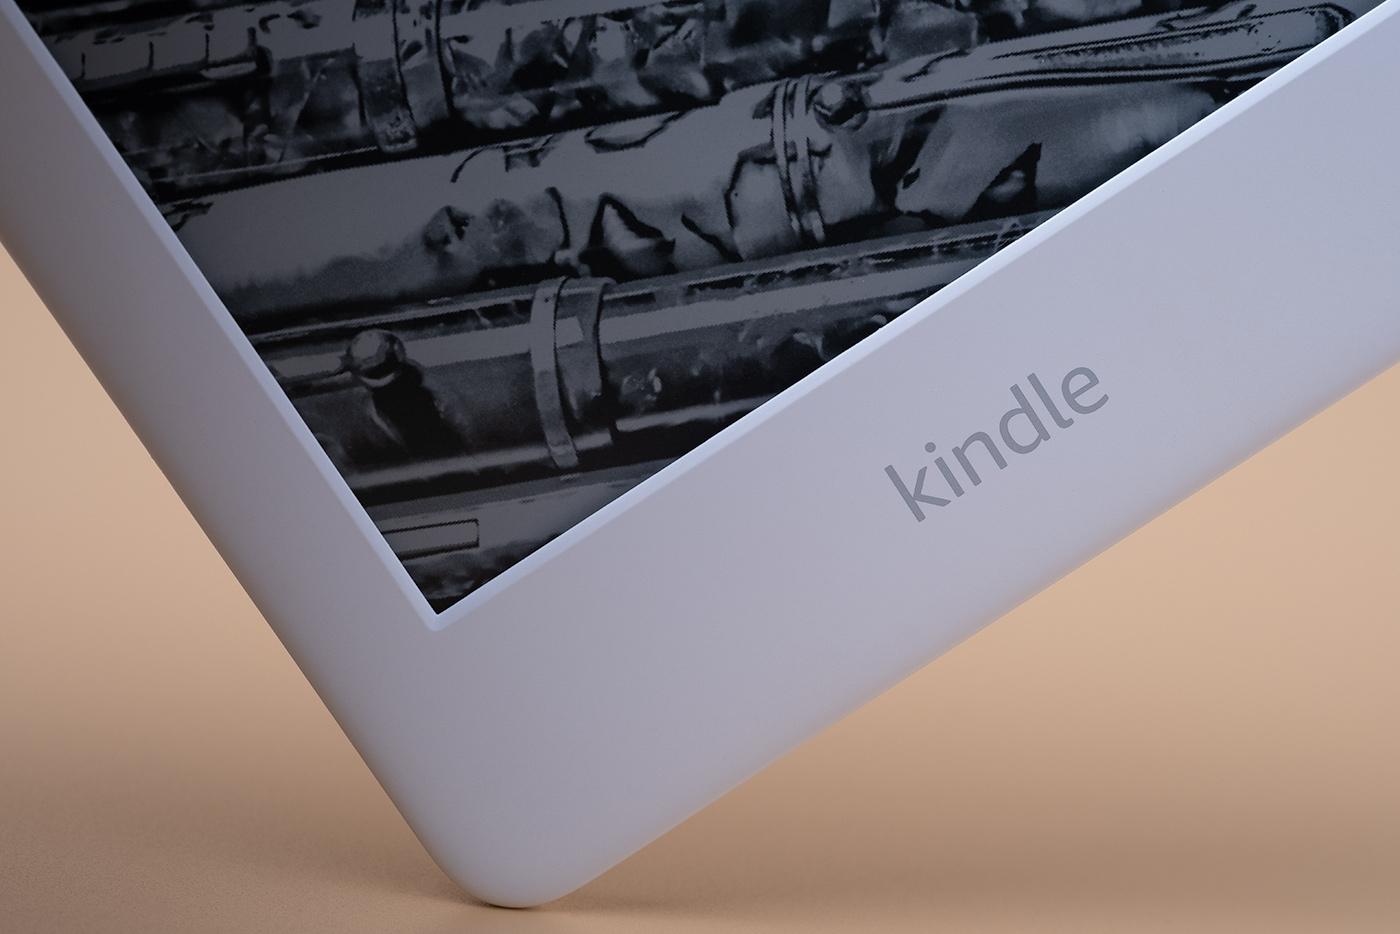 Kindle 2019